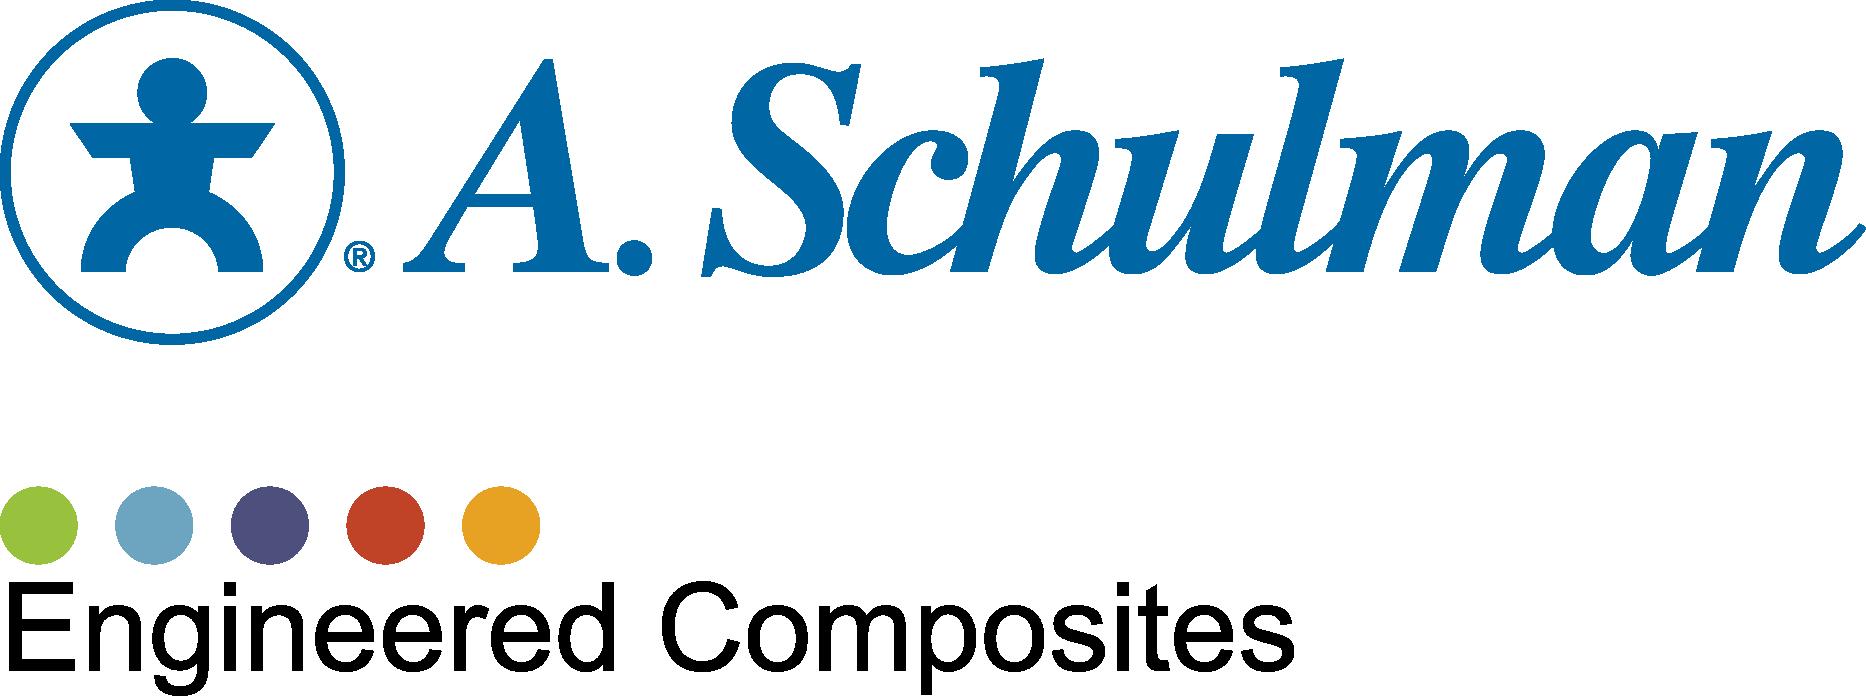 Logotipo A.Schulman